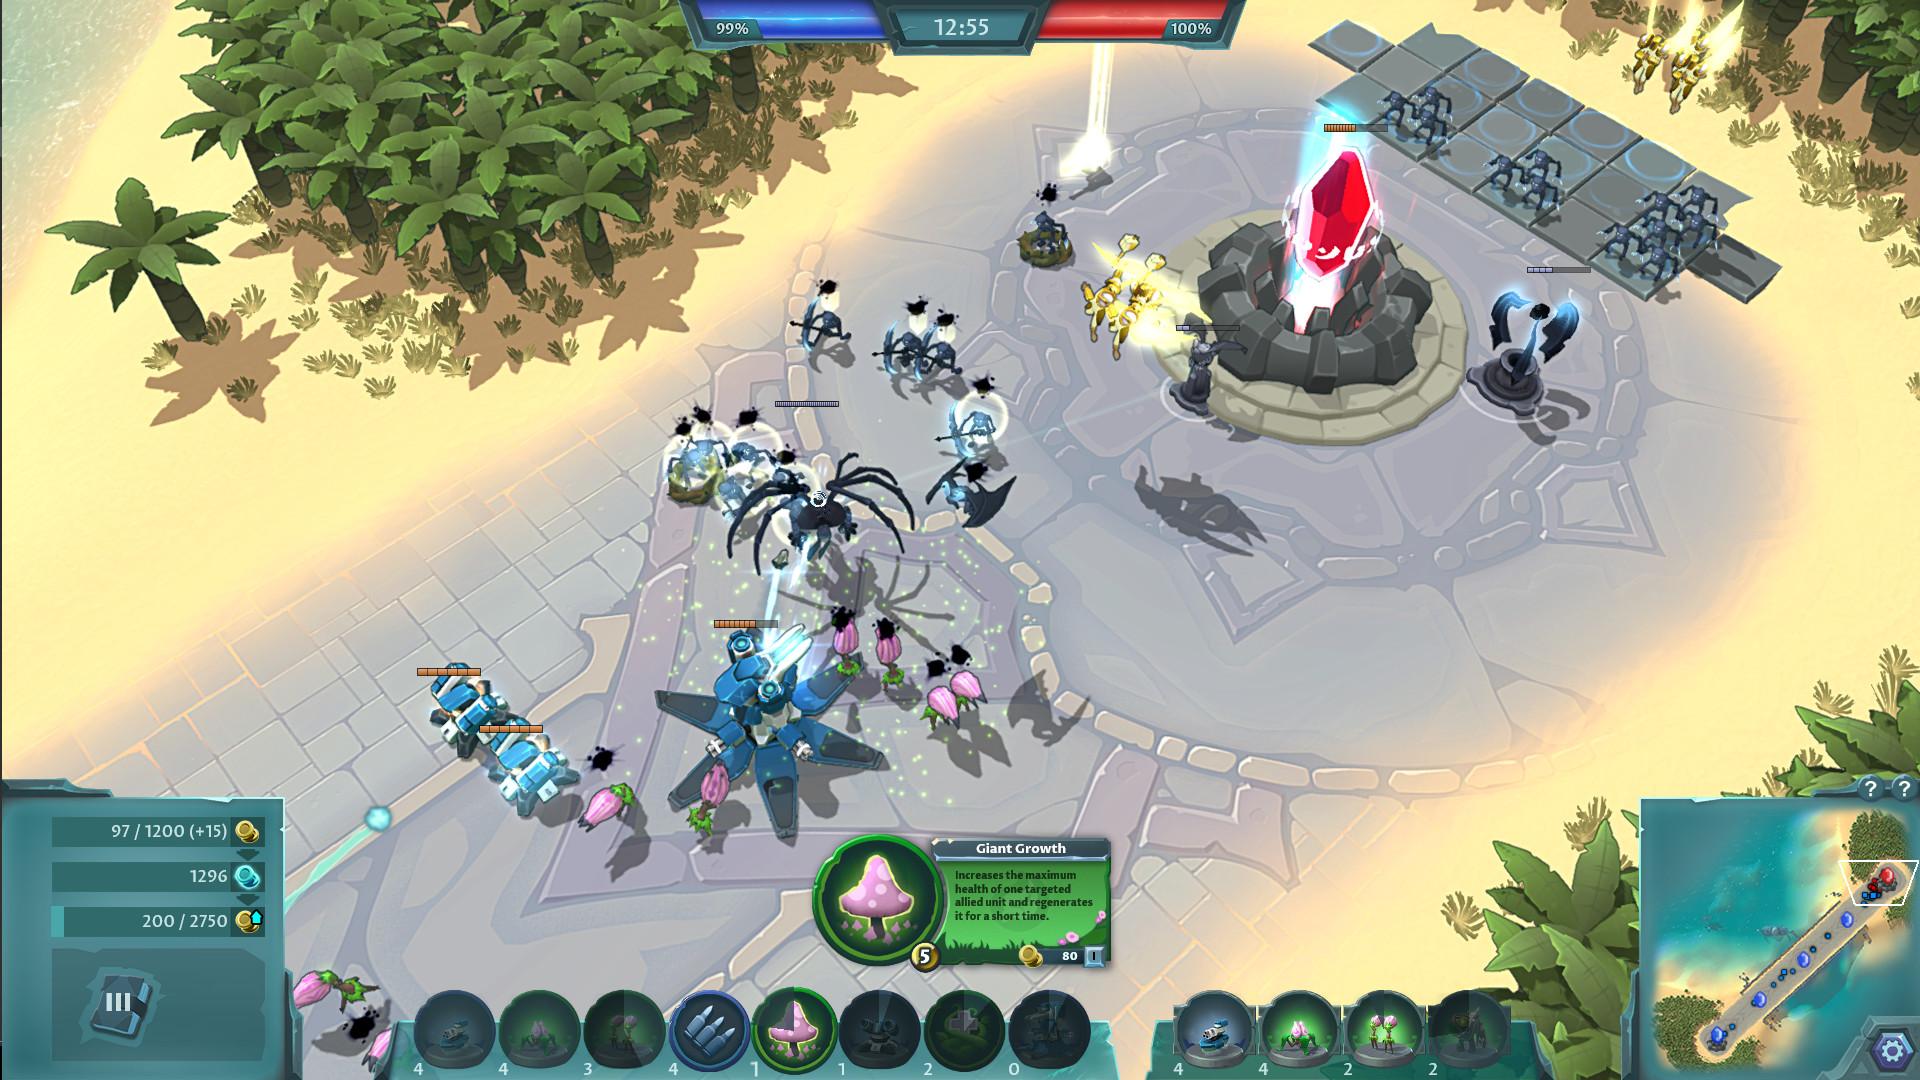 Rise of Legions - быстрая бесплатная RTS на основе старого